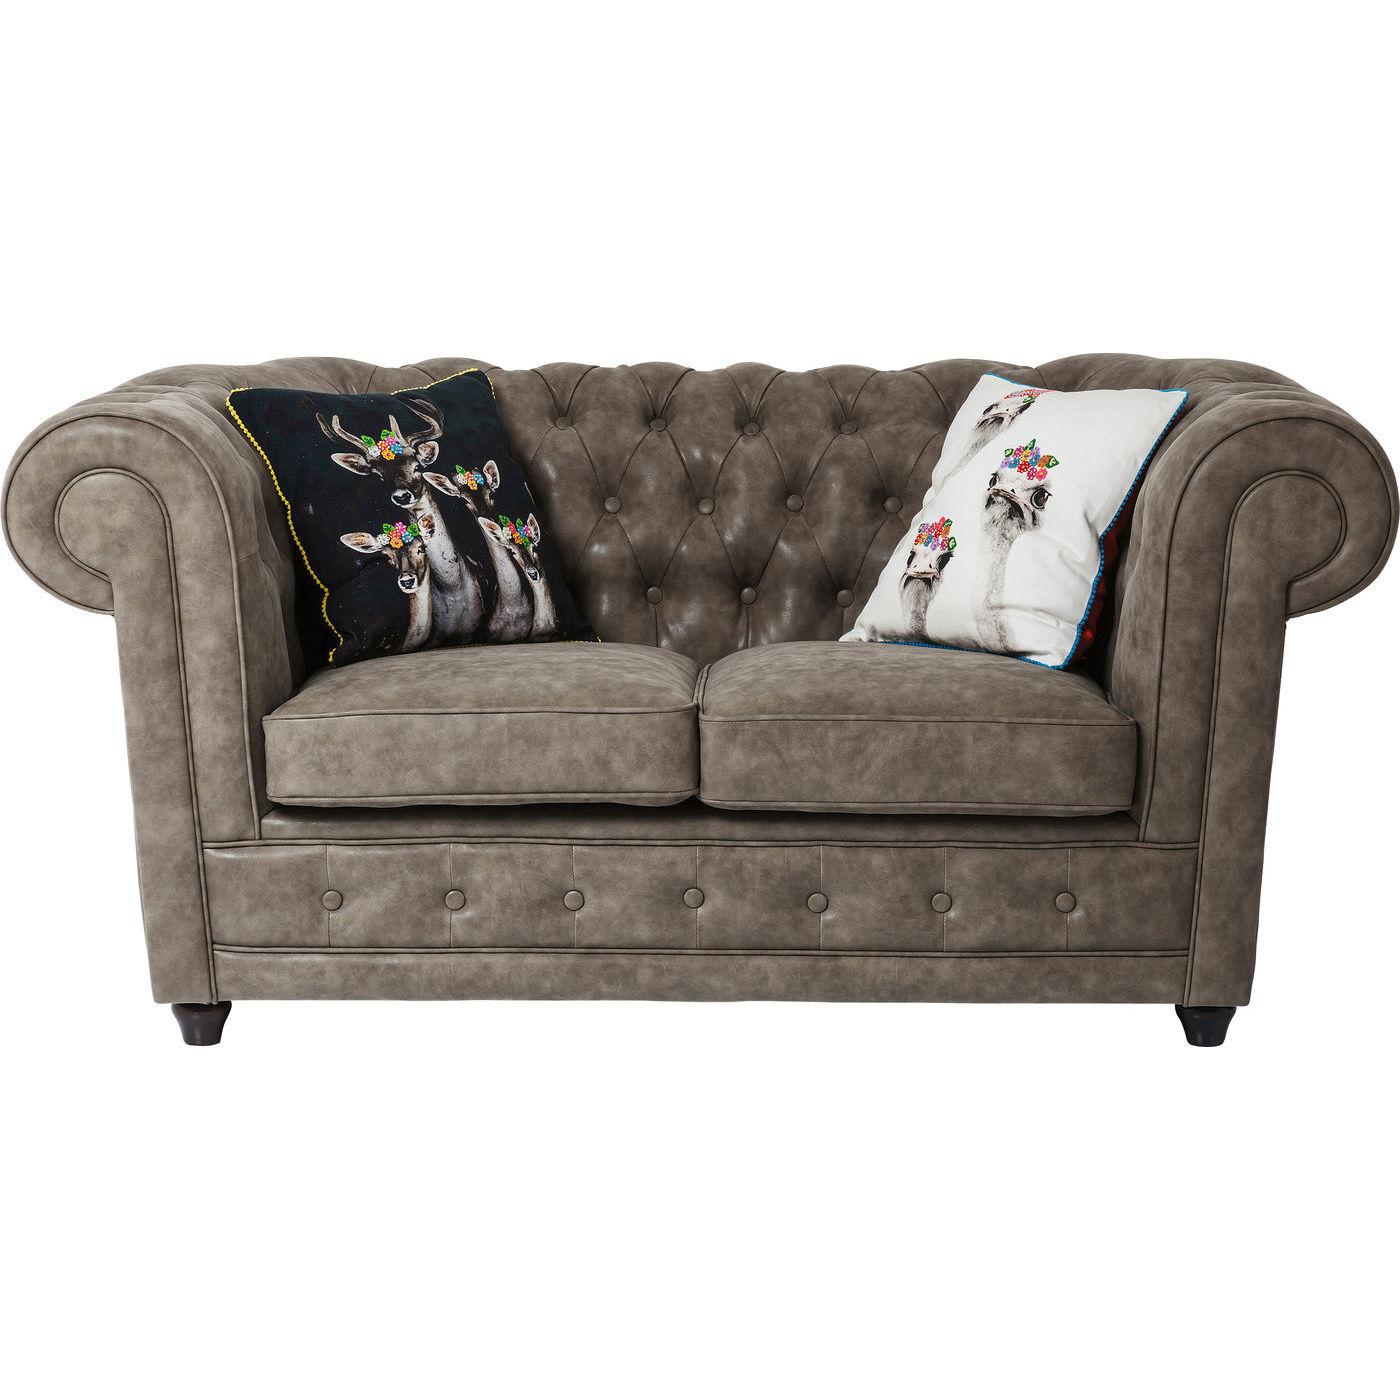 Billede af Kare Design Sofa, Oxford 2 pers.